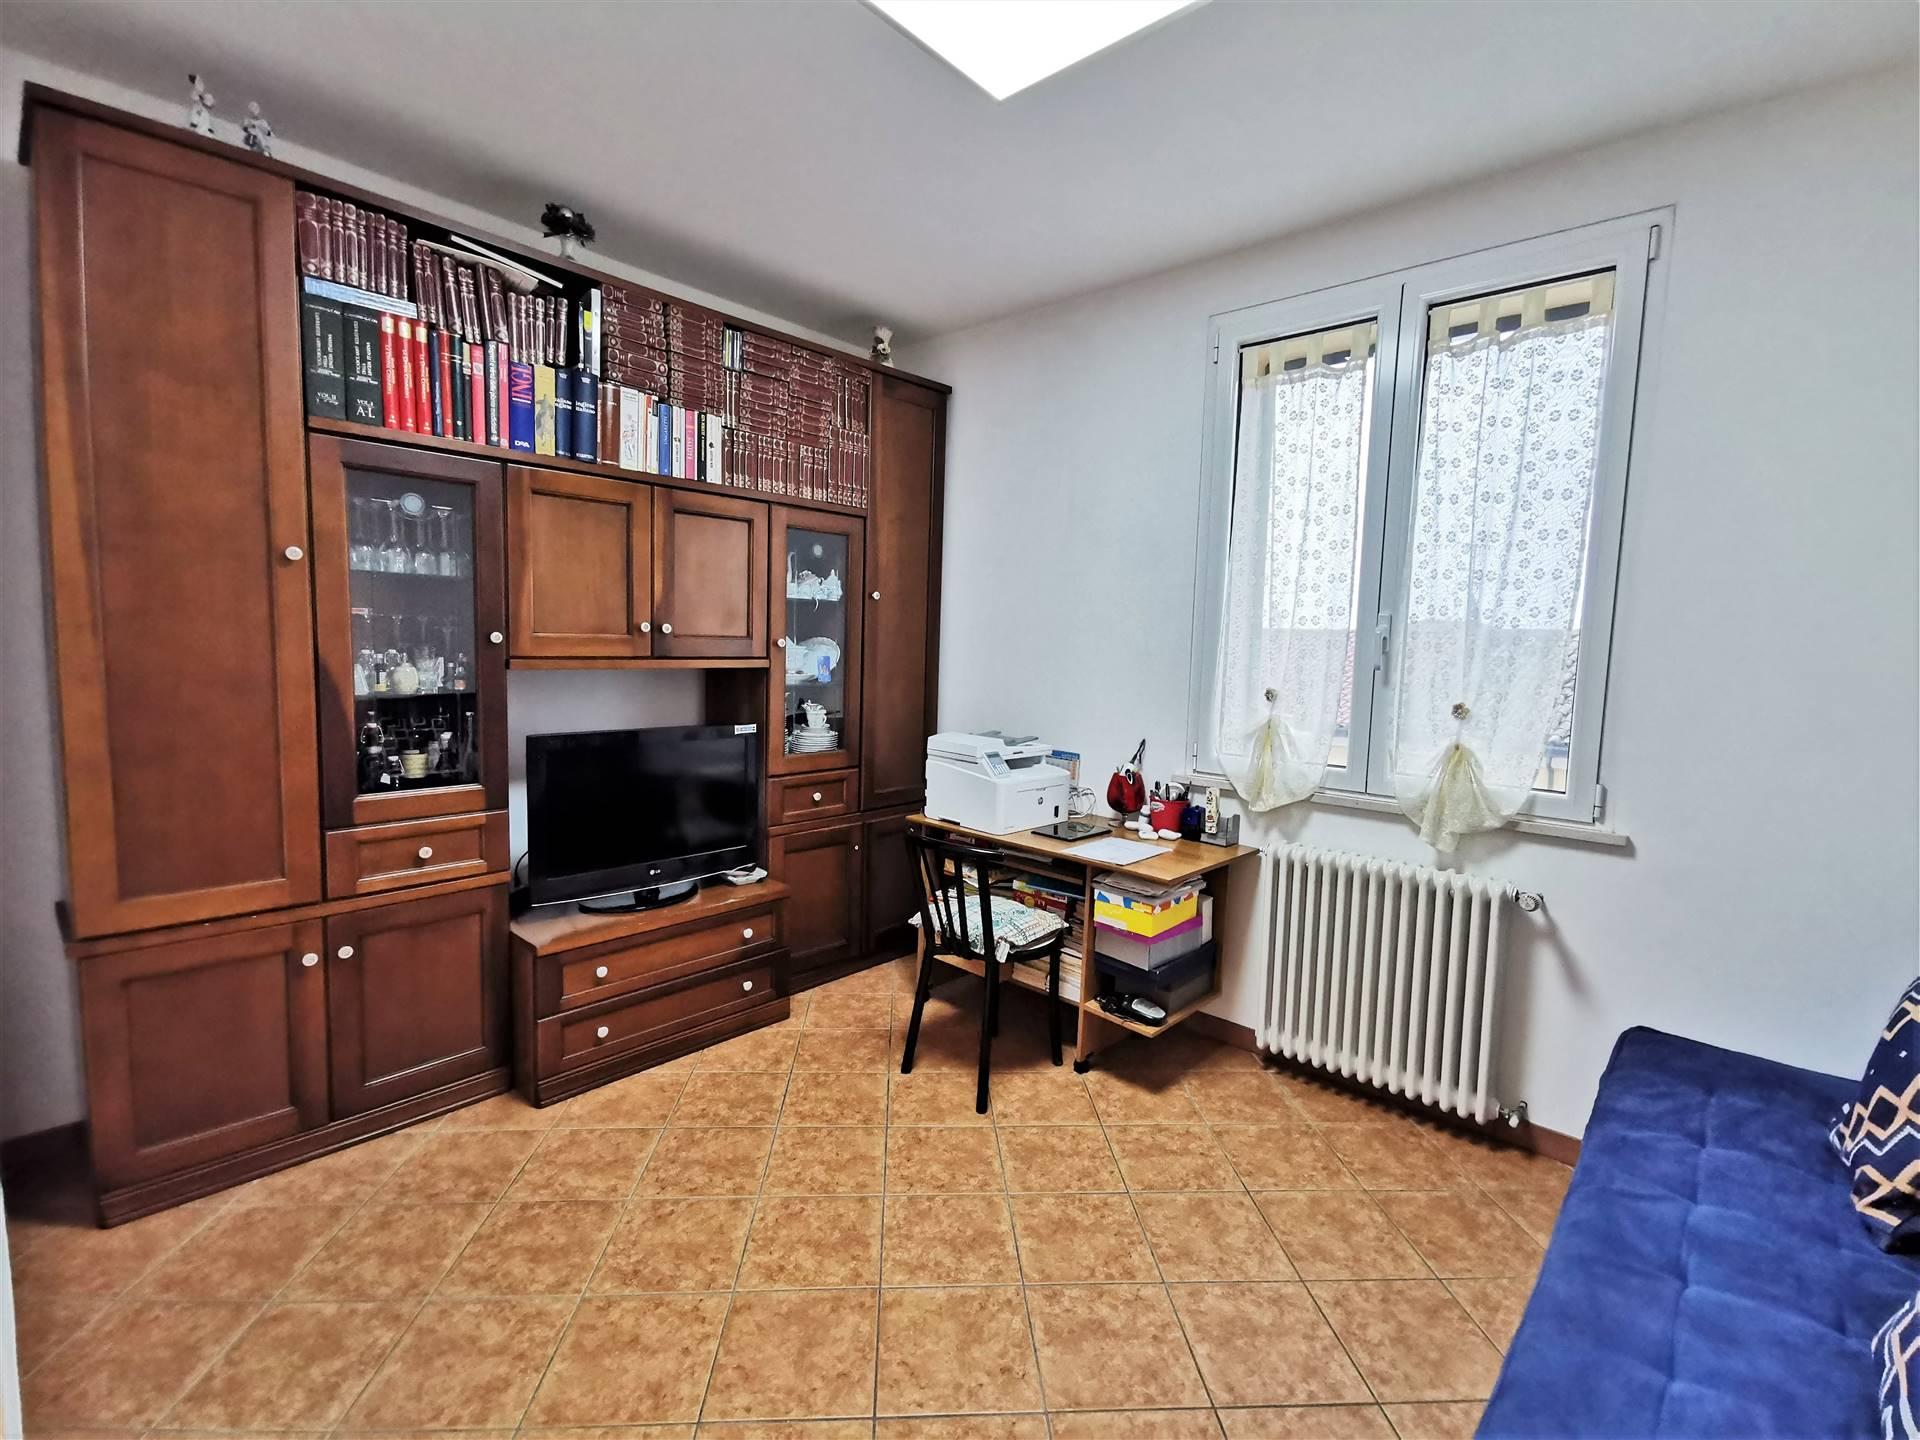 Appartamento in vendita a Gatteo, 3 locali, prezzo € 99.000 | CambioCasa.it